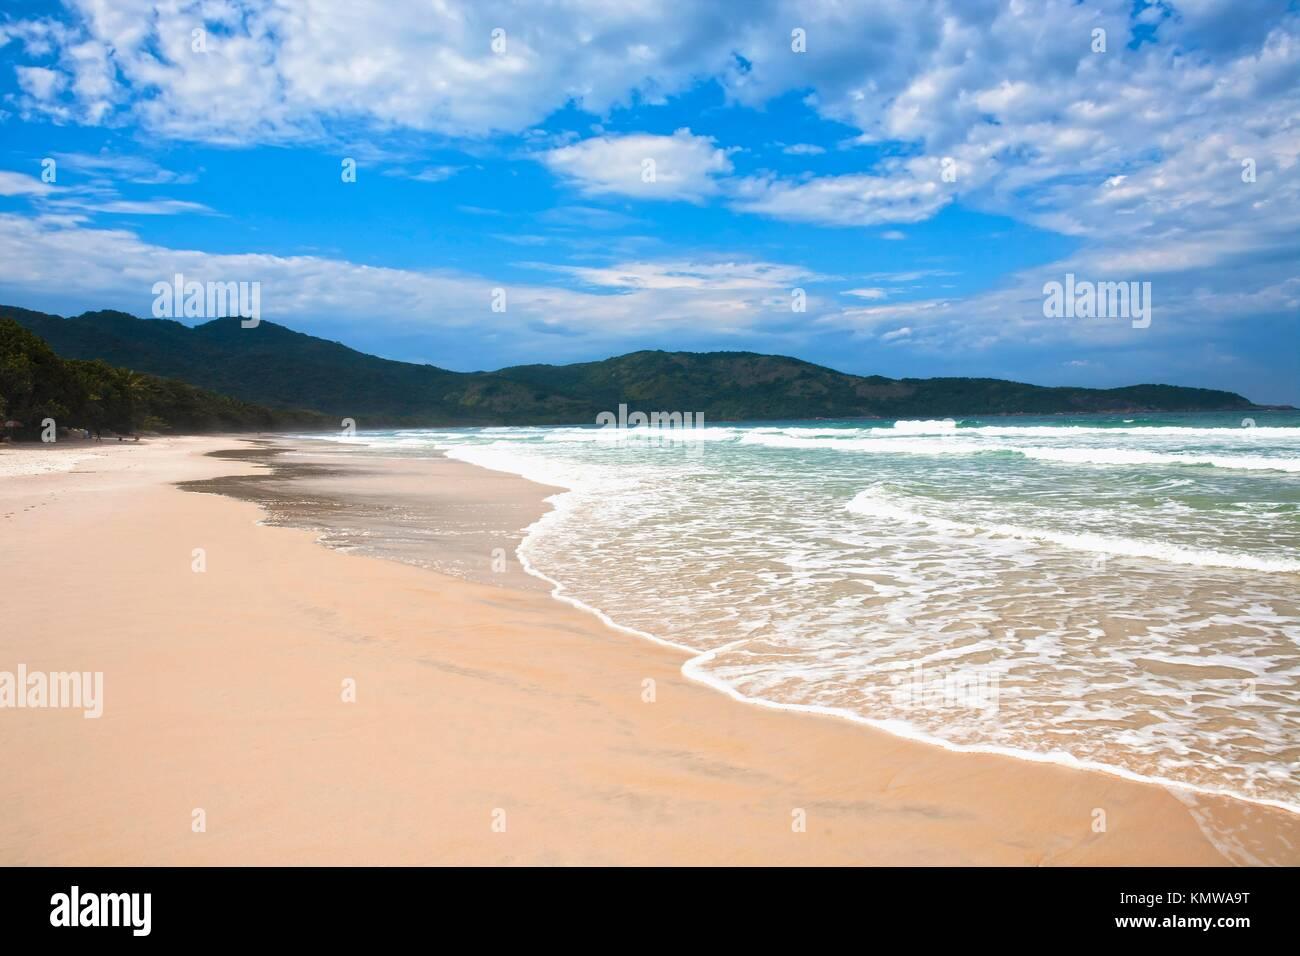 Lopes mendes spiaggia nella bellissima isola di Ilha Grande vicino a Rio de Janeiro in Brasile Immagini Stock